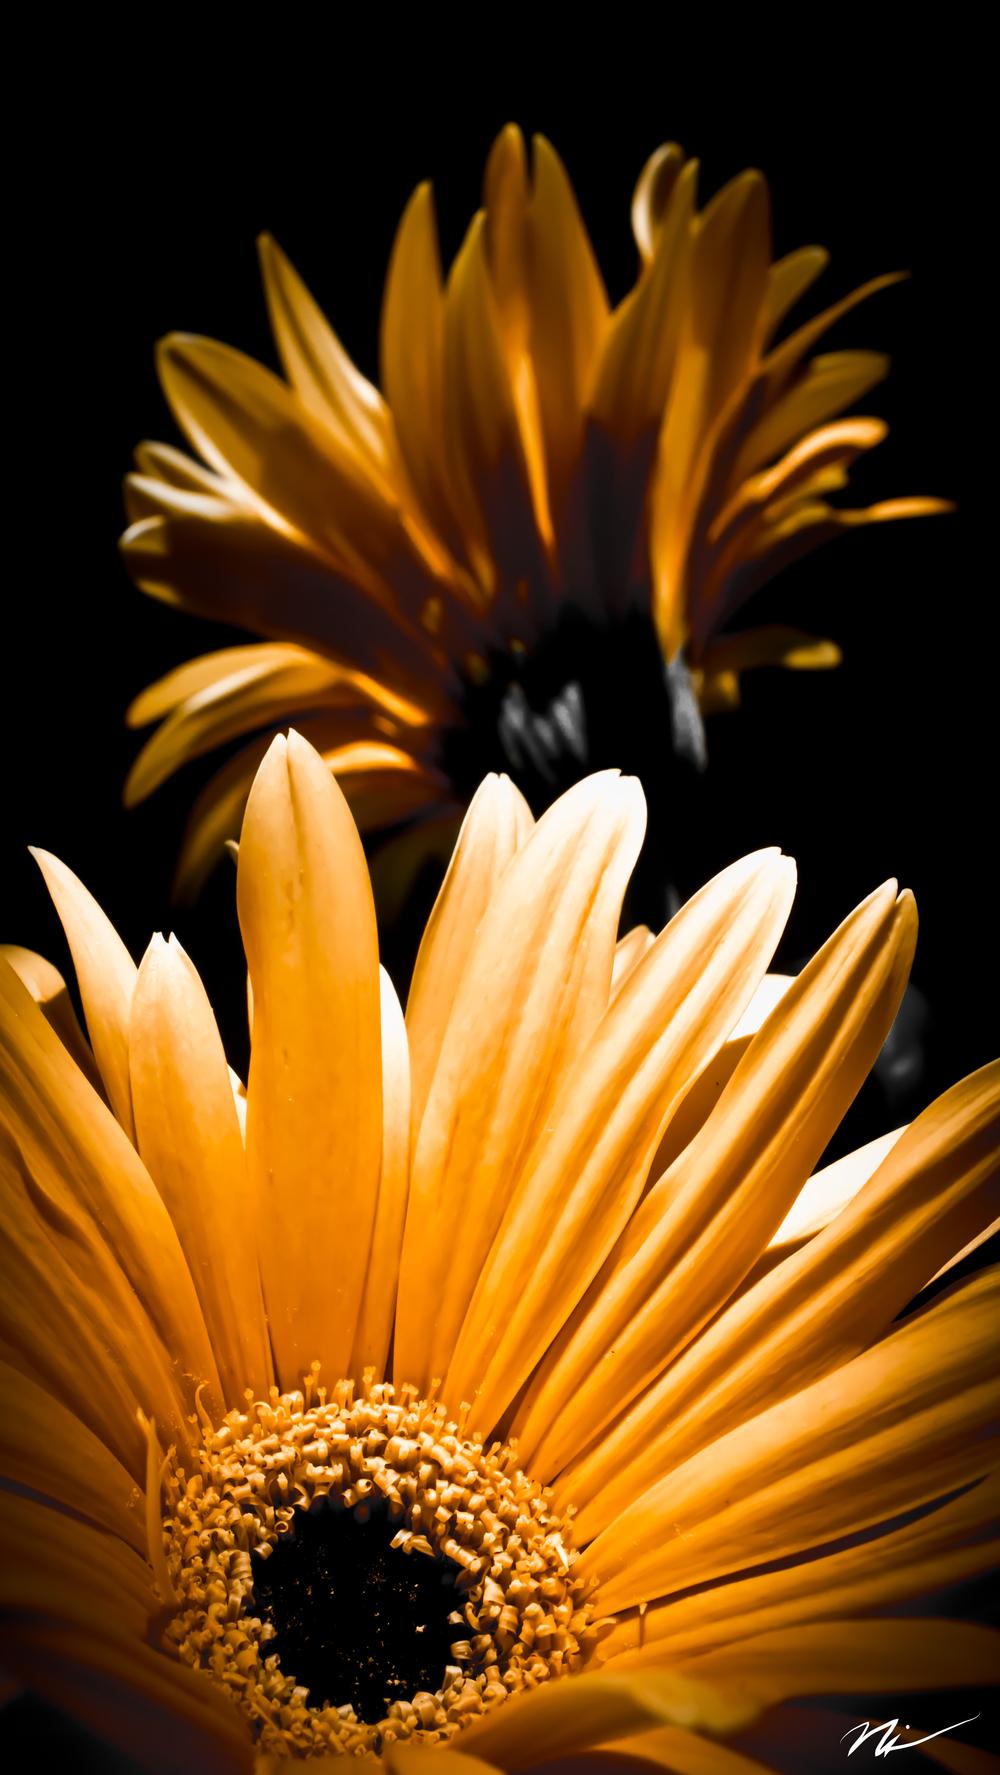 Yellow Gerbera Daisy.jpg